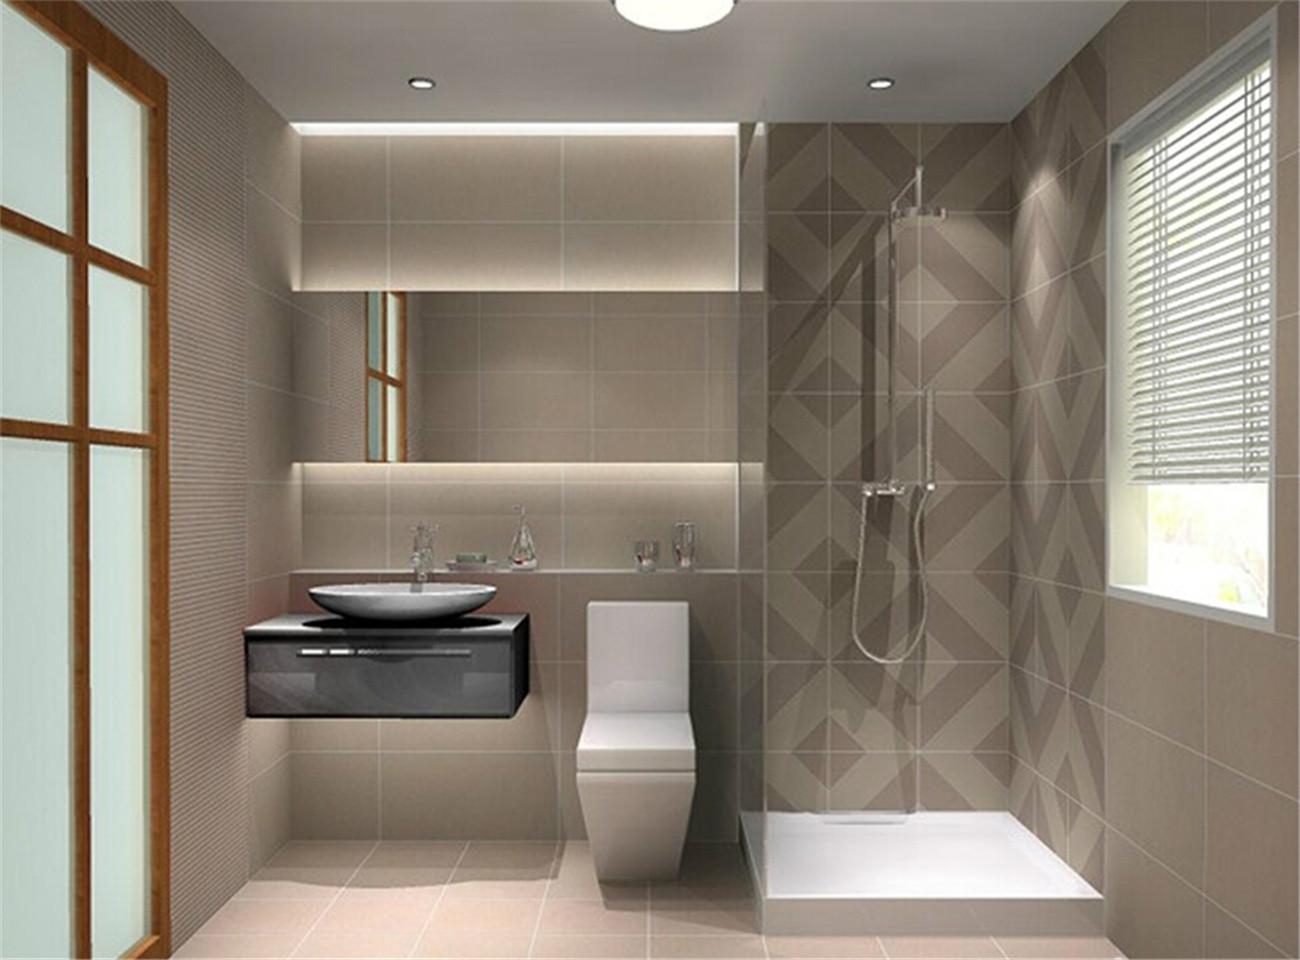 厕所 家居 设计 卫生间 卫生间装修 装修 1300_960